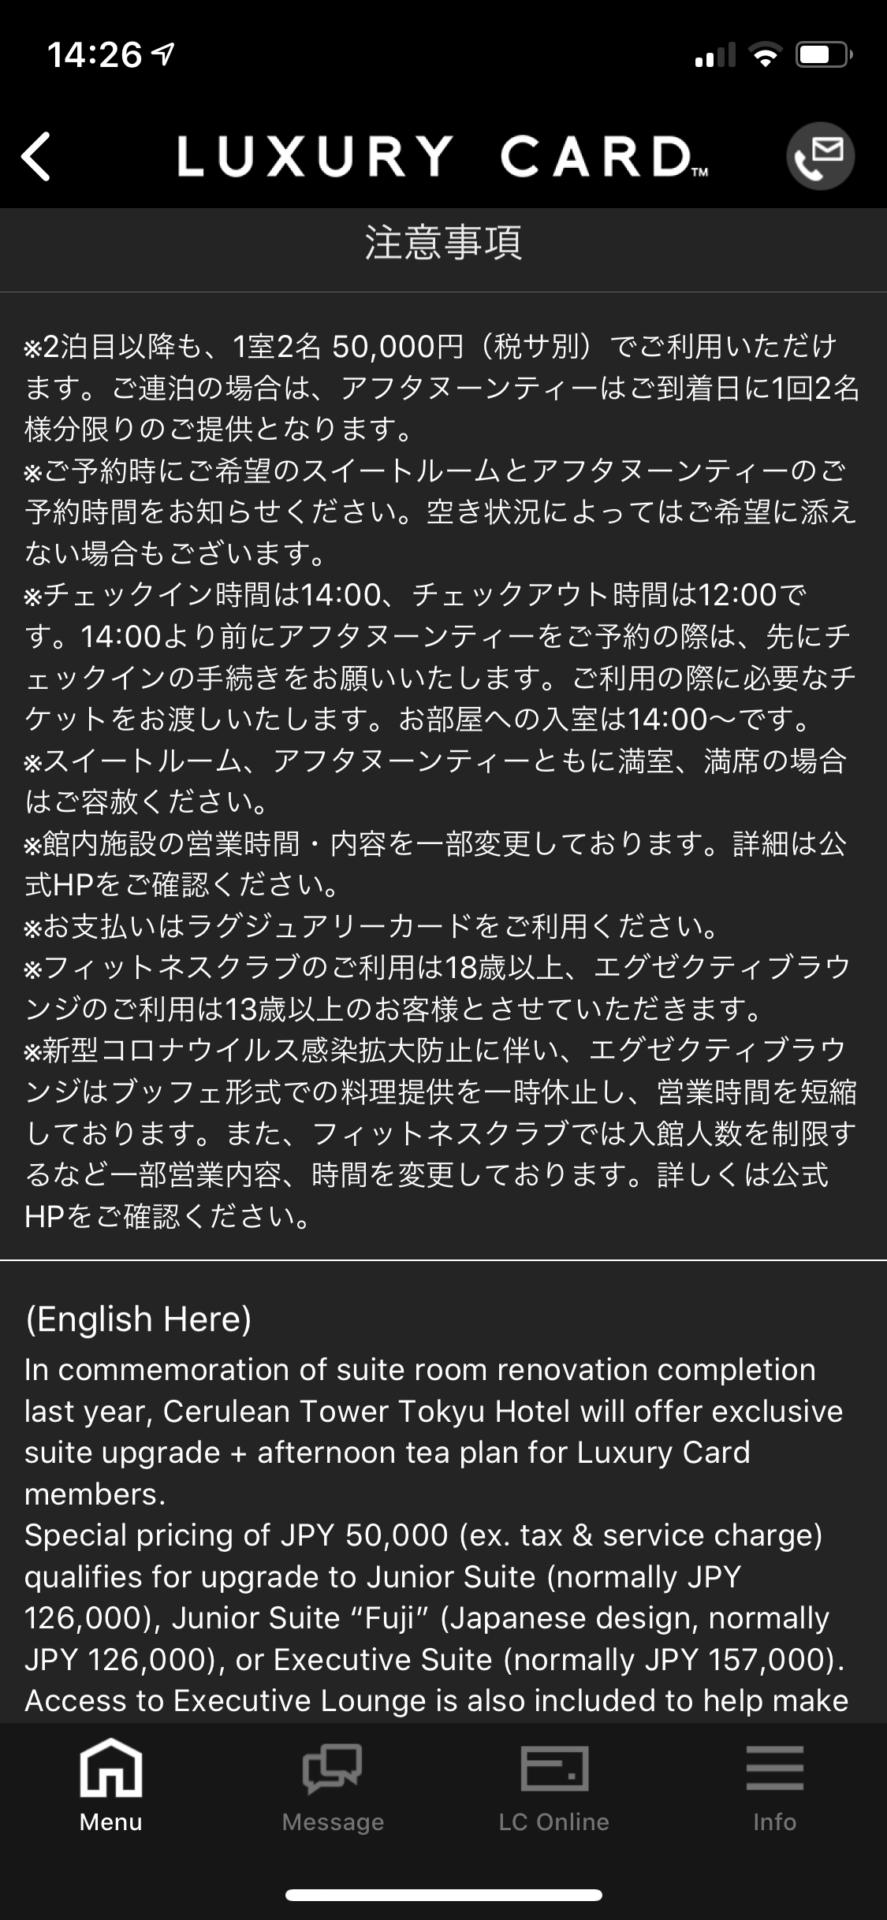 ラグジュアリーカードのセルリアンタワー東急ホテル宿泊プラン (1)